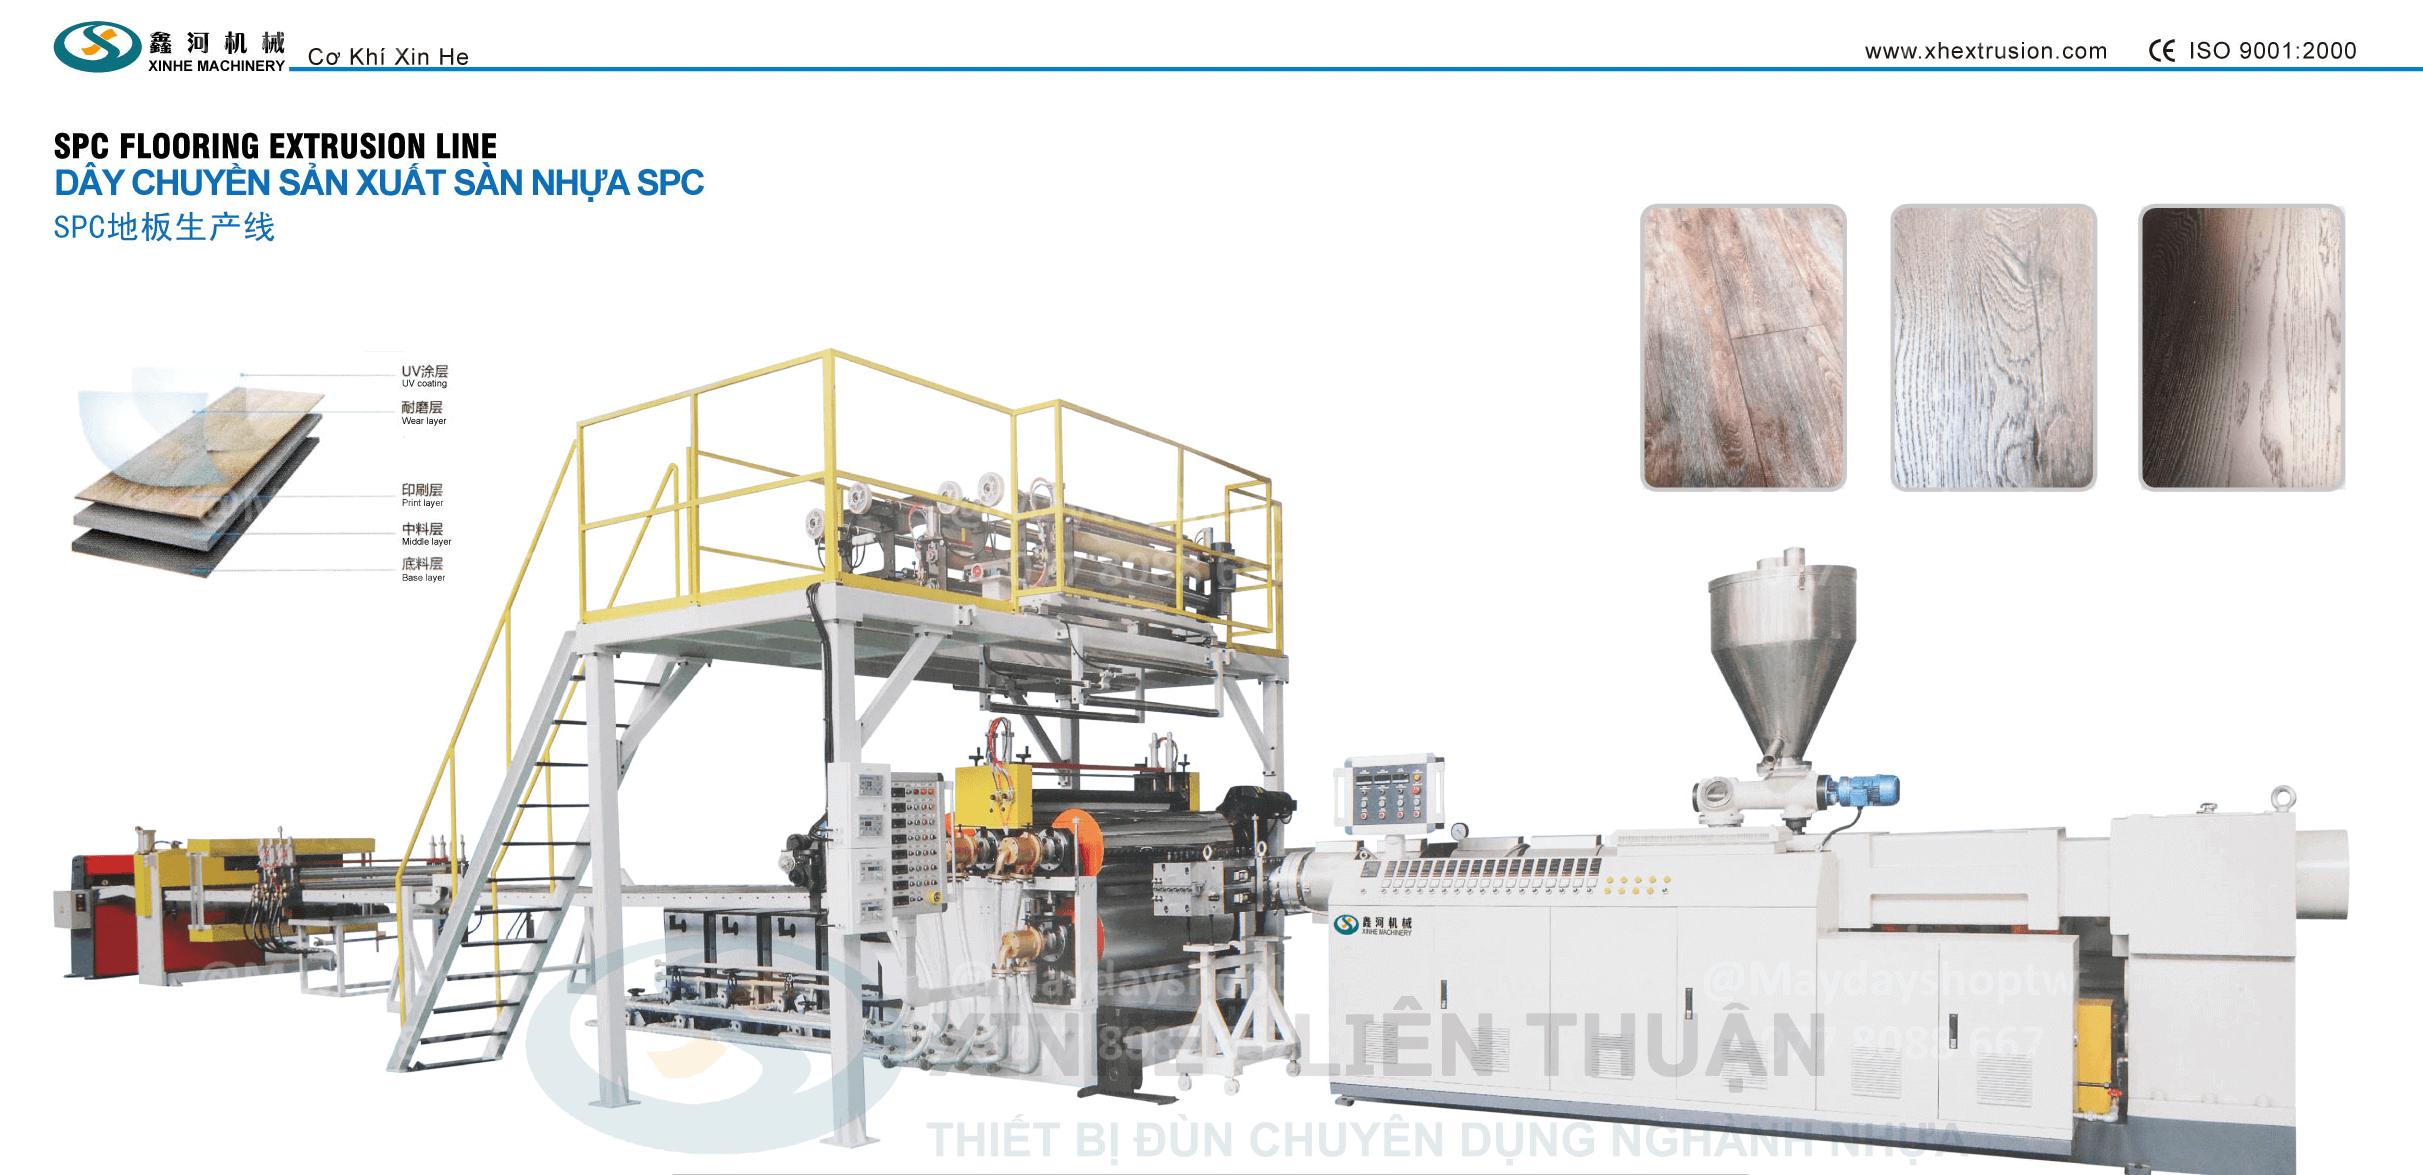 Máy sản xuất sàn nhựa SPC